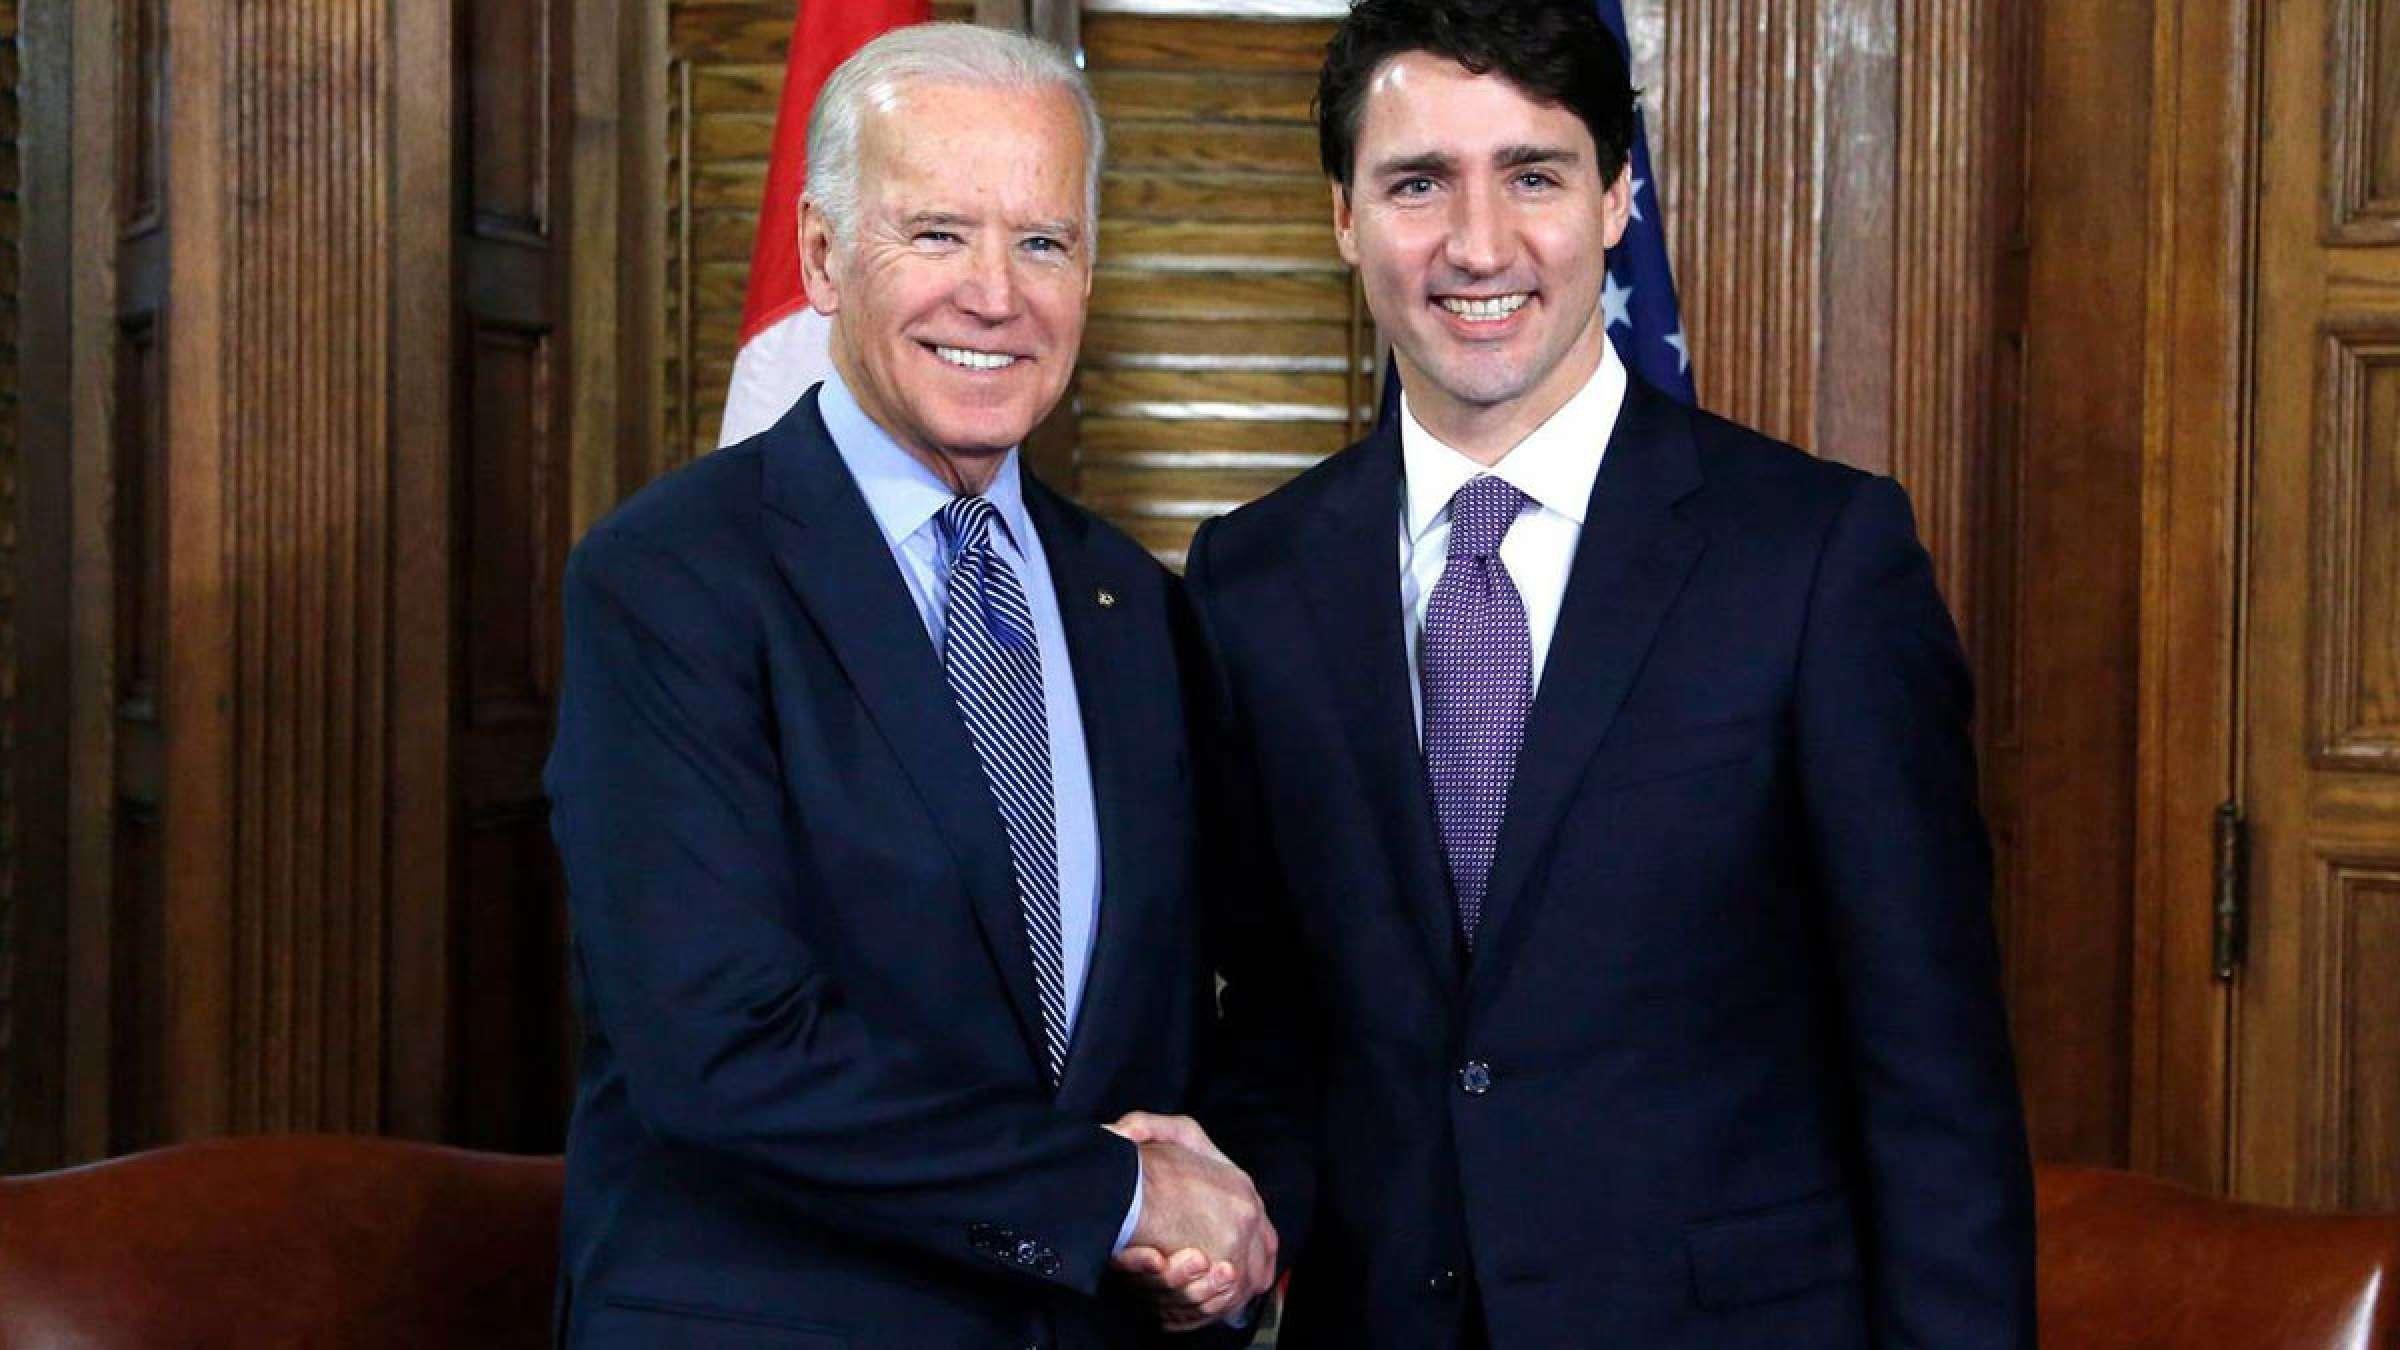 اخبار-کانادا-اولین-مذاکره-تلفنی-خارجی-بایدن-پس-از-انتخابات-با-ترودو-اعلامیه-تک-تک-احزاب-کانادا-درباره-پیروزی-بایدن